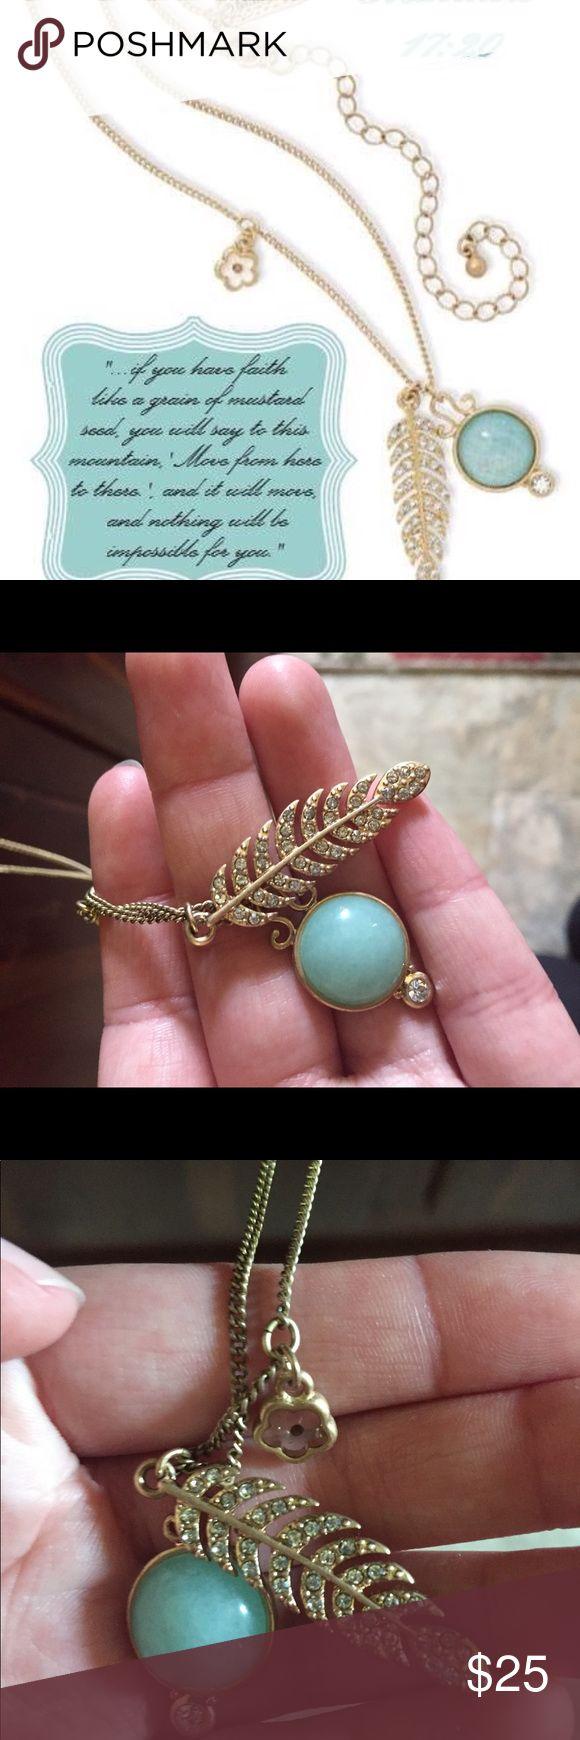 PREMIER JEWELRY NECKLACE- MATTHEW 17:20 Premier jewelry Matthew 17:20 turquoise feather necklace. Premier Designs Jewelry Necklaces